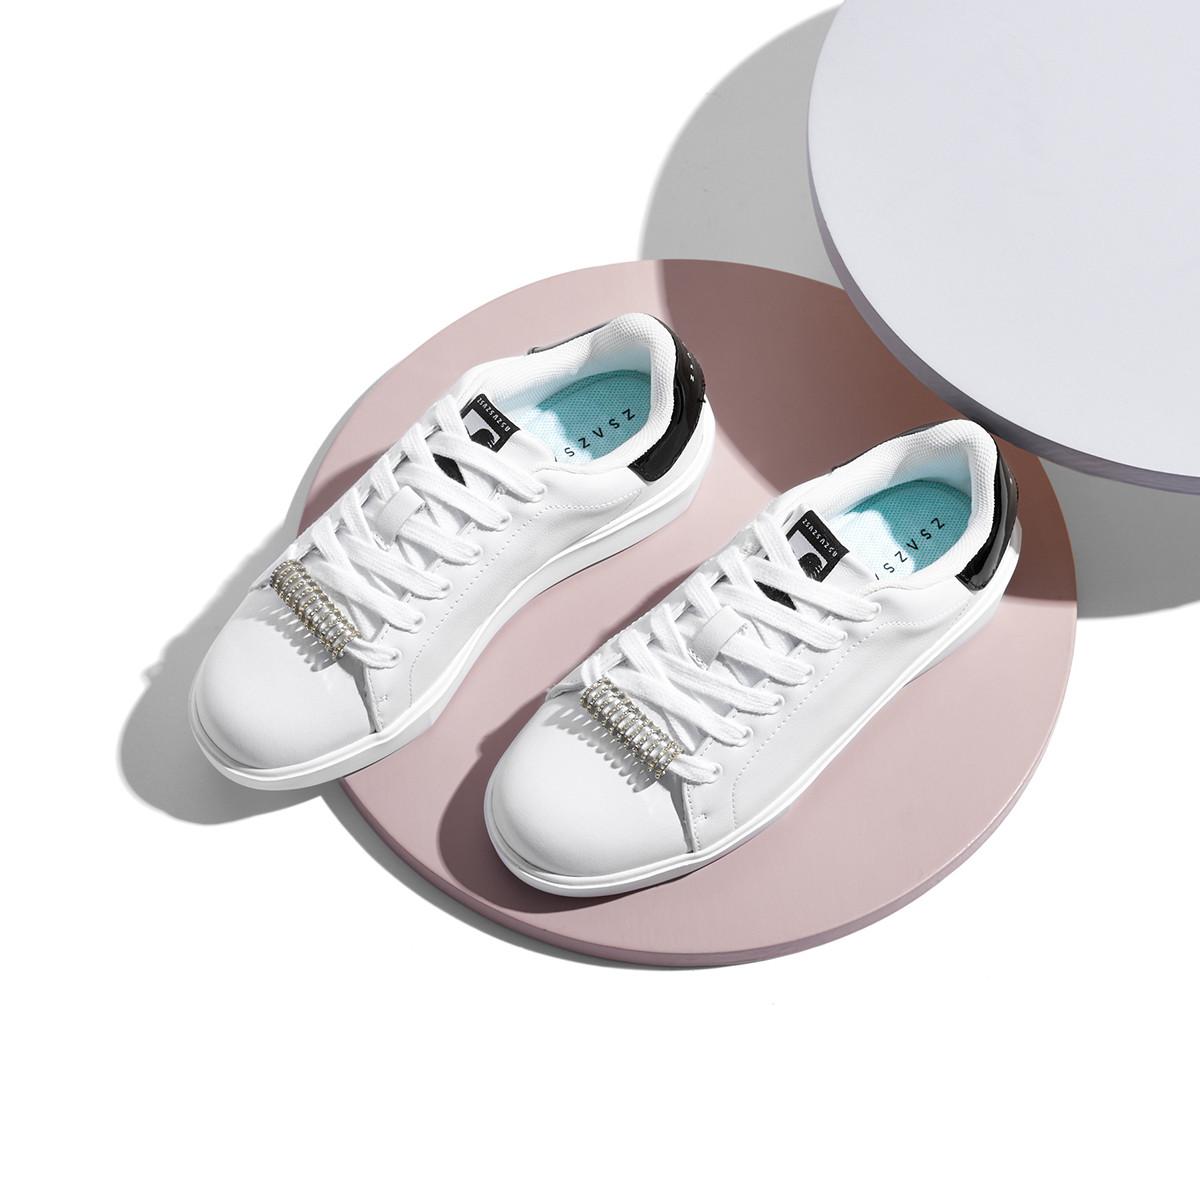 莎莎苏莎莎苏新款水钻小白鞋透气板鞋平底运动鞋女百搭ZA09685-31A0S